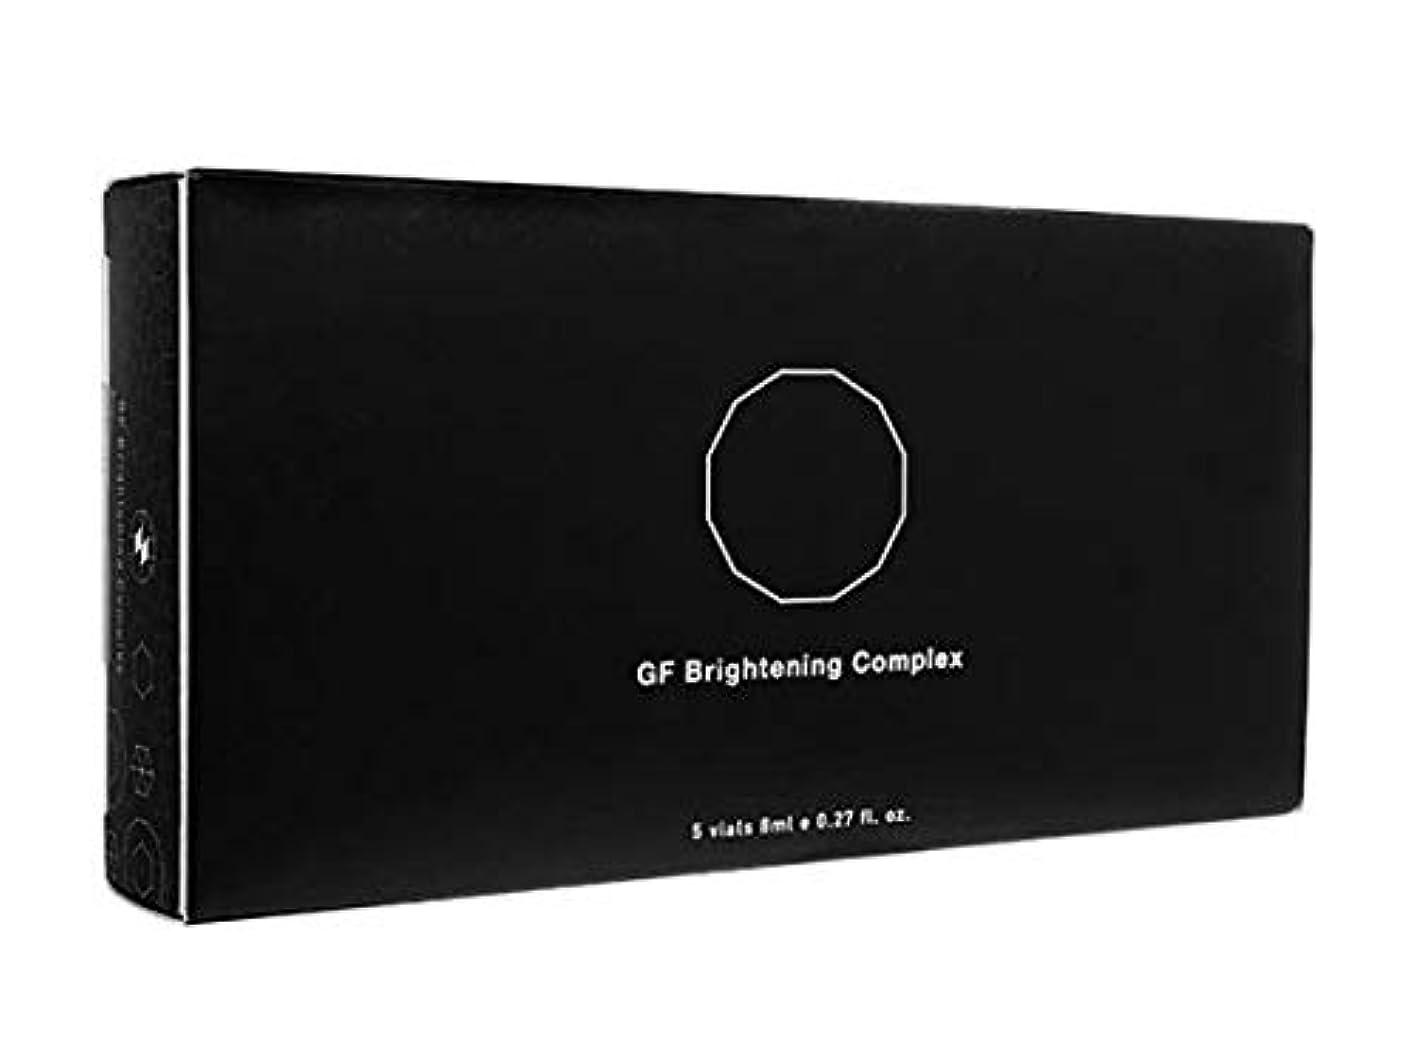 翻訳するジェム読書をするべネブ ブライトニング コンプレックス 8ml 5本 (Benev) GF Brightening Complex